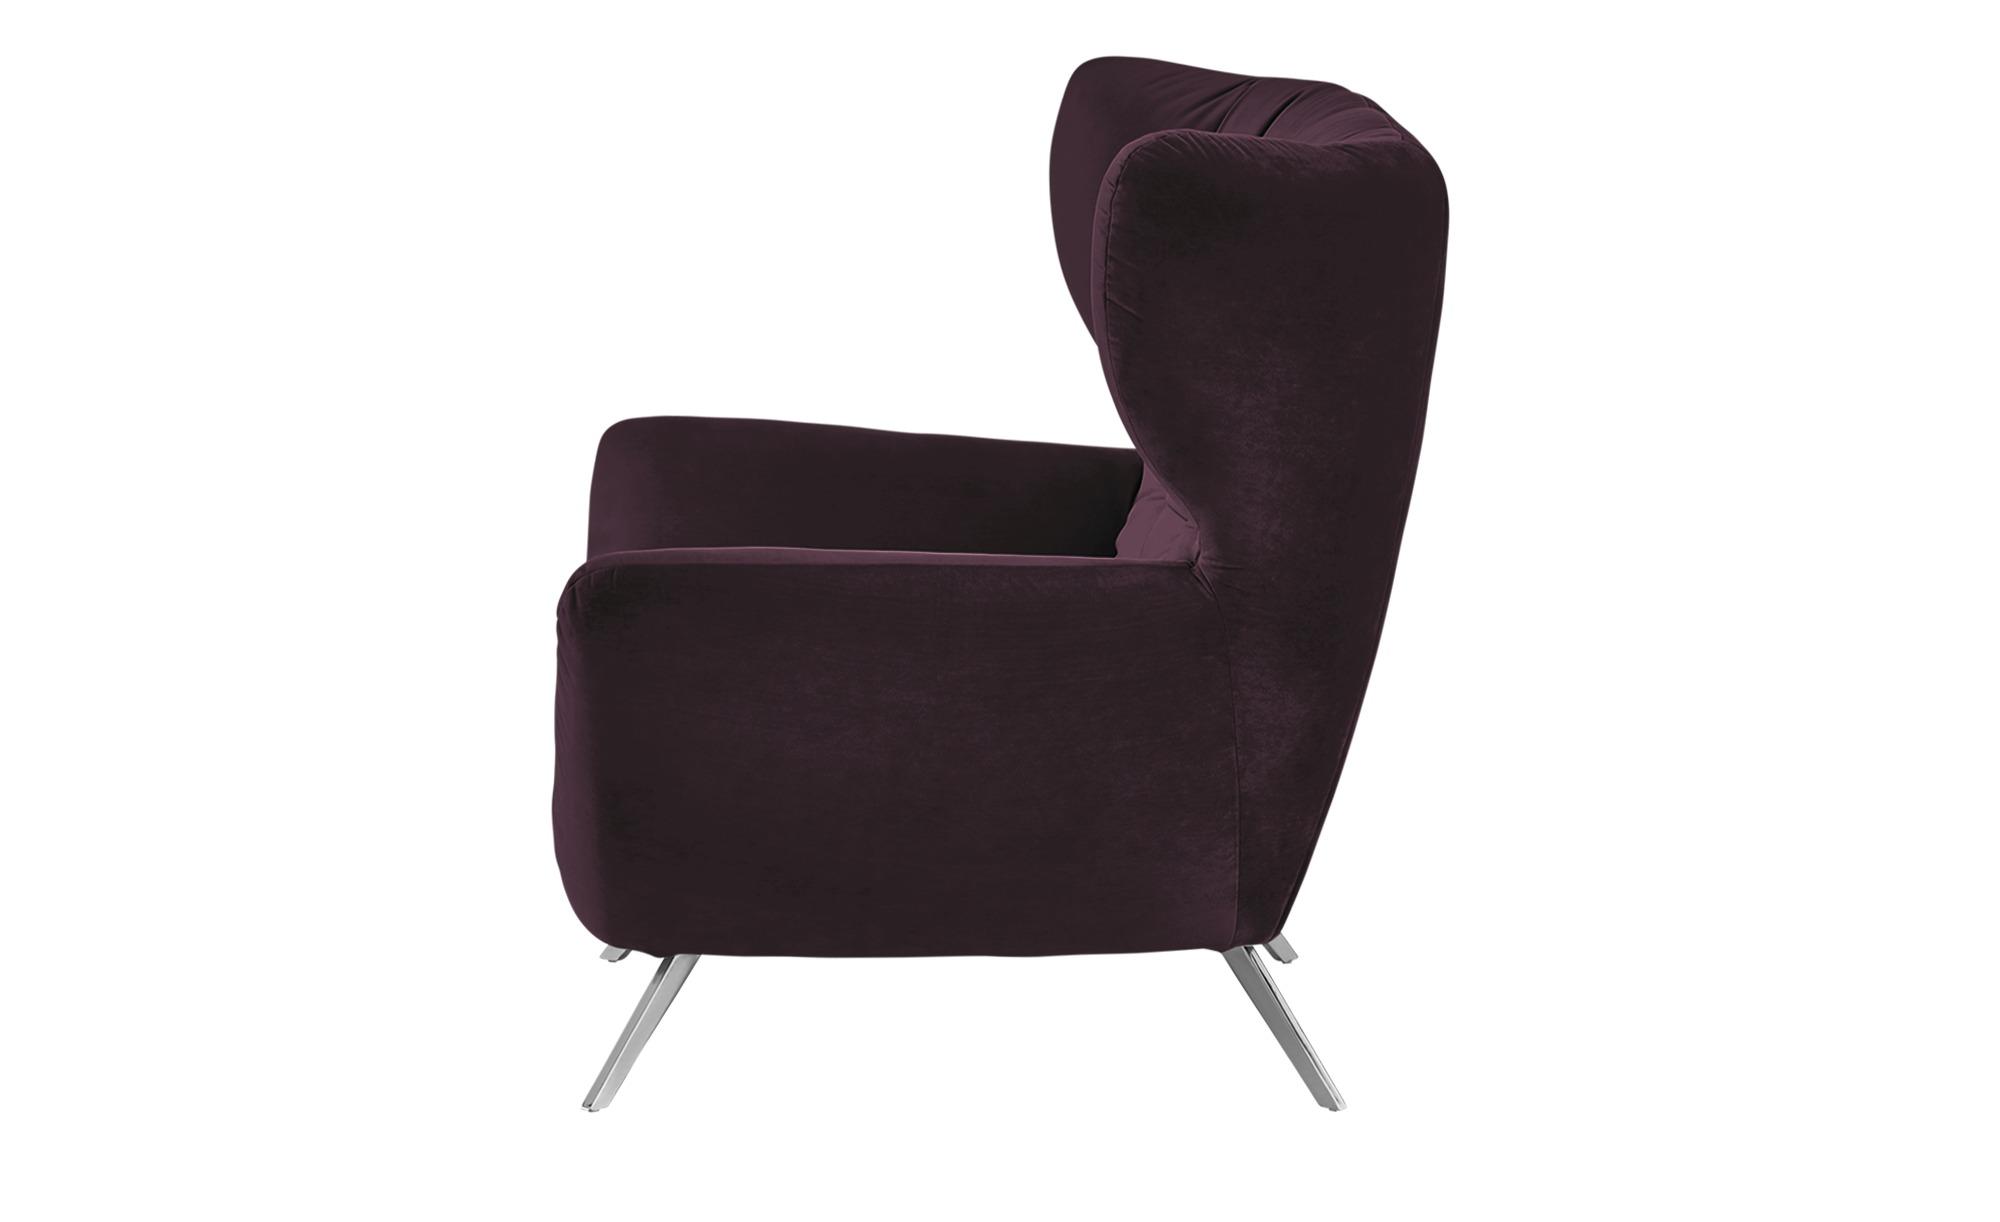 Hochlehnsessel  Caldara ¦ lila/violett ¦ Maße (cm): B: 100 H: 106 T: 95 Polstermöbel > Sessel > Polstersessel - Höffner